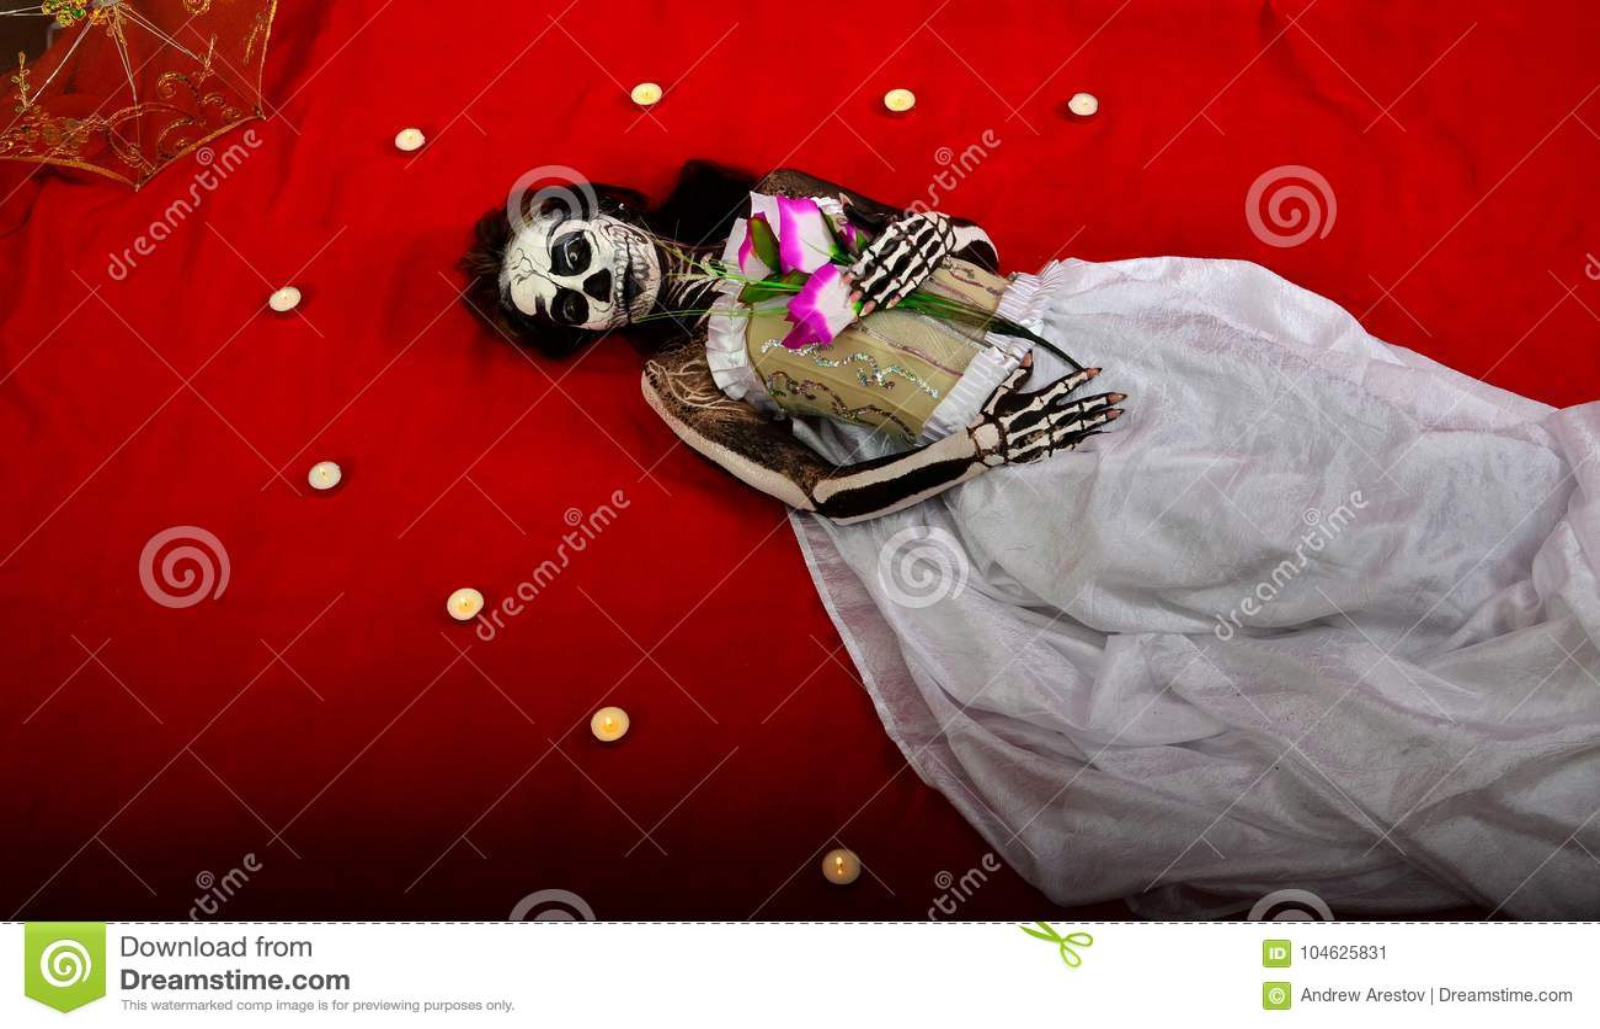 Download Het Meisje In De Make-up Van Het Skelet Ligt Onder De Kaarsen Stock Afbeelding - Afbeelding bestaande uit skelet, schedel: 104625831